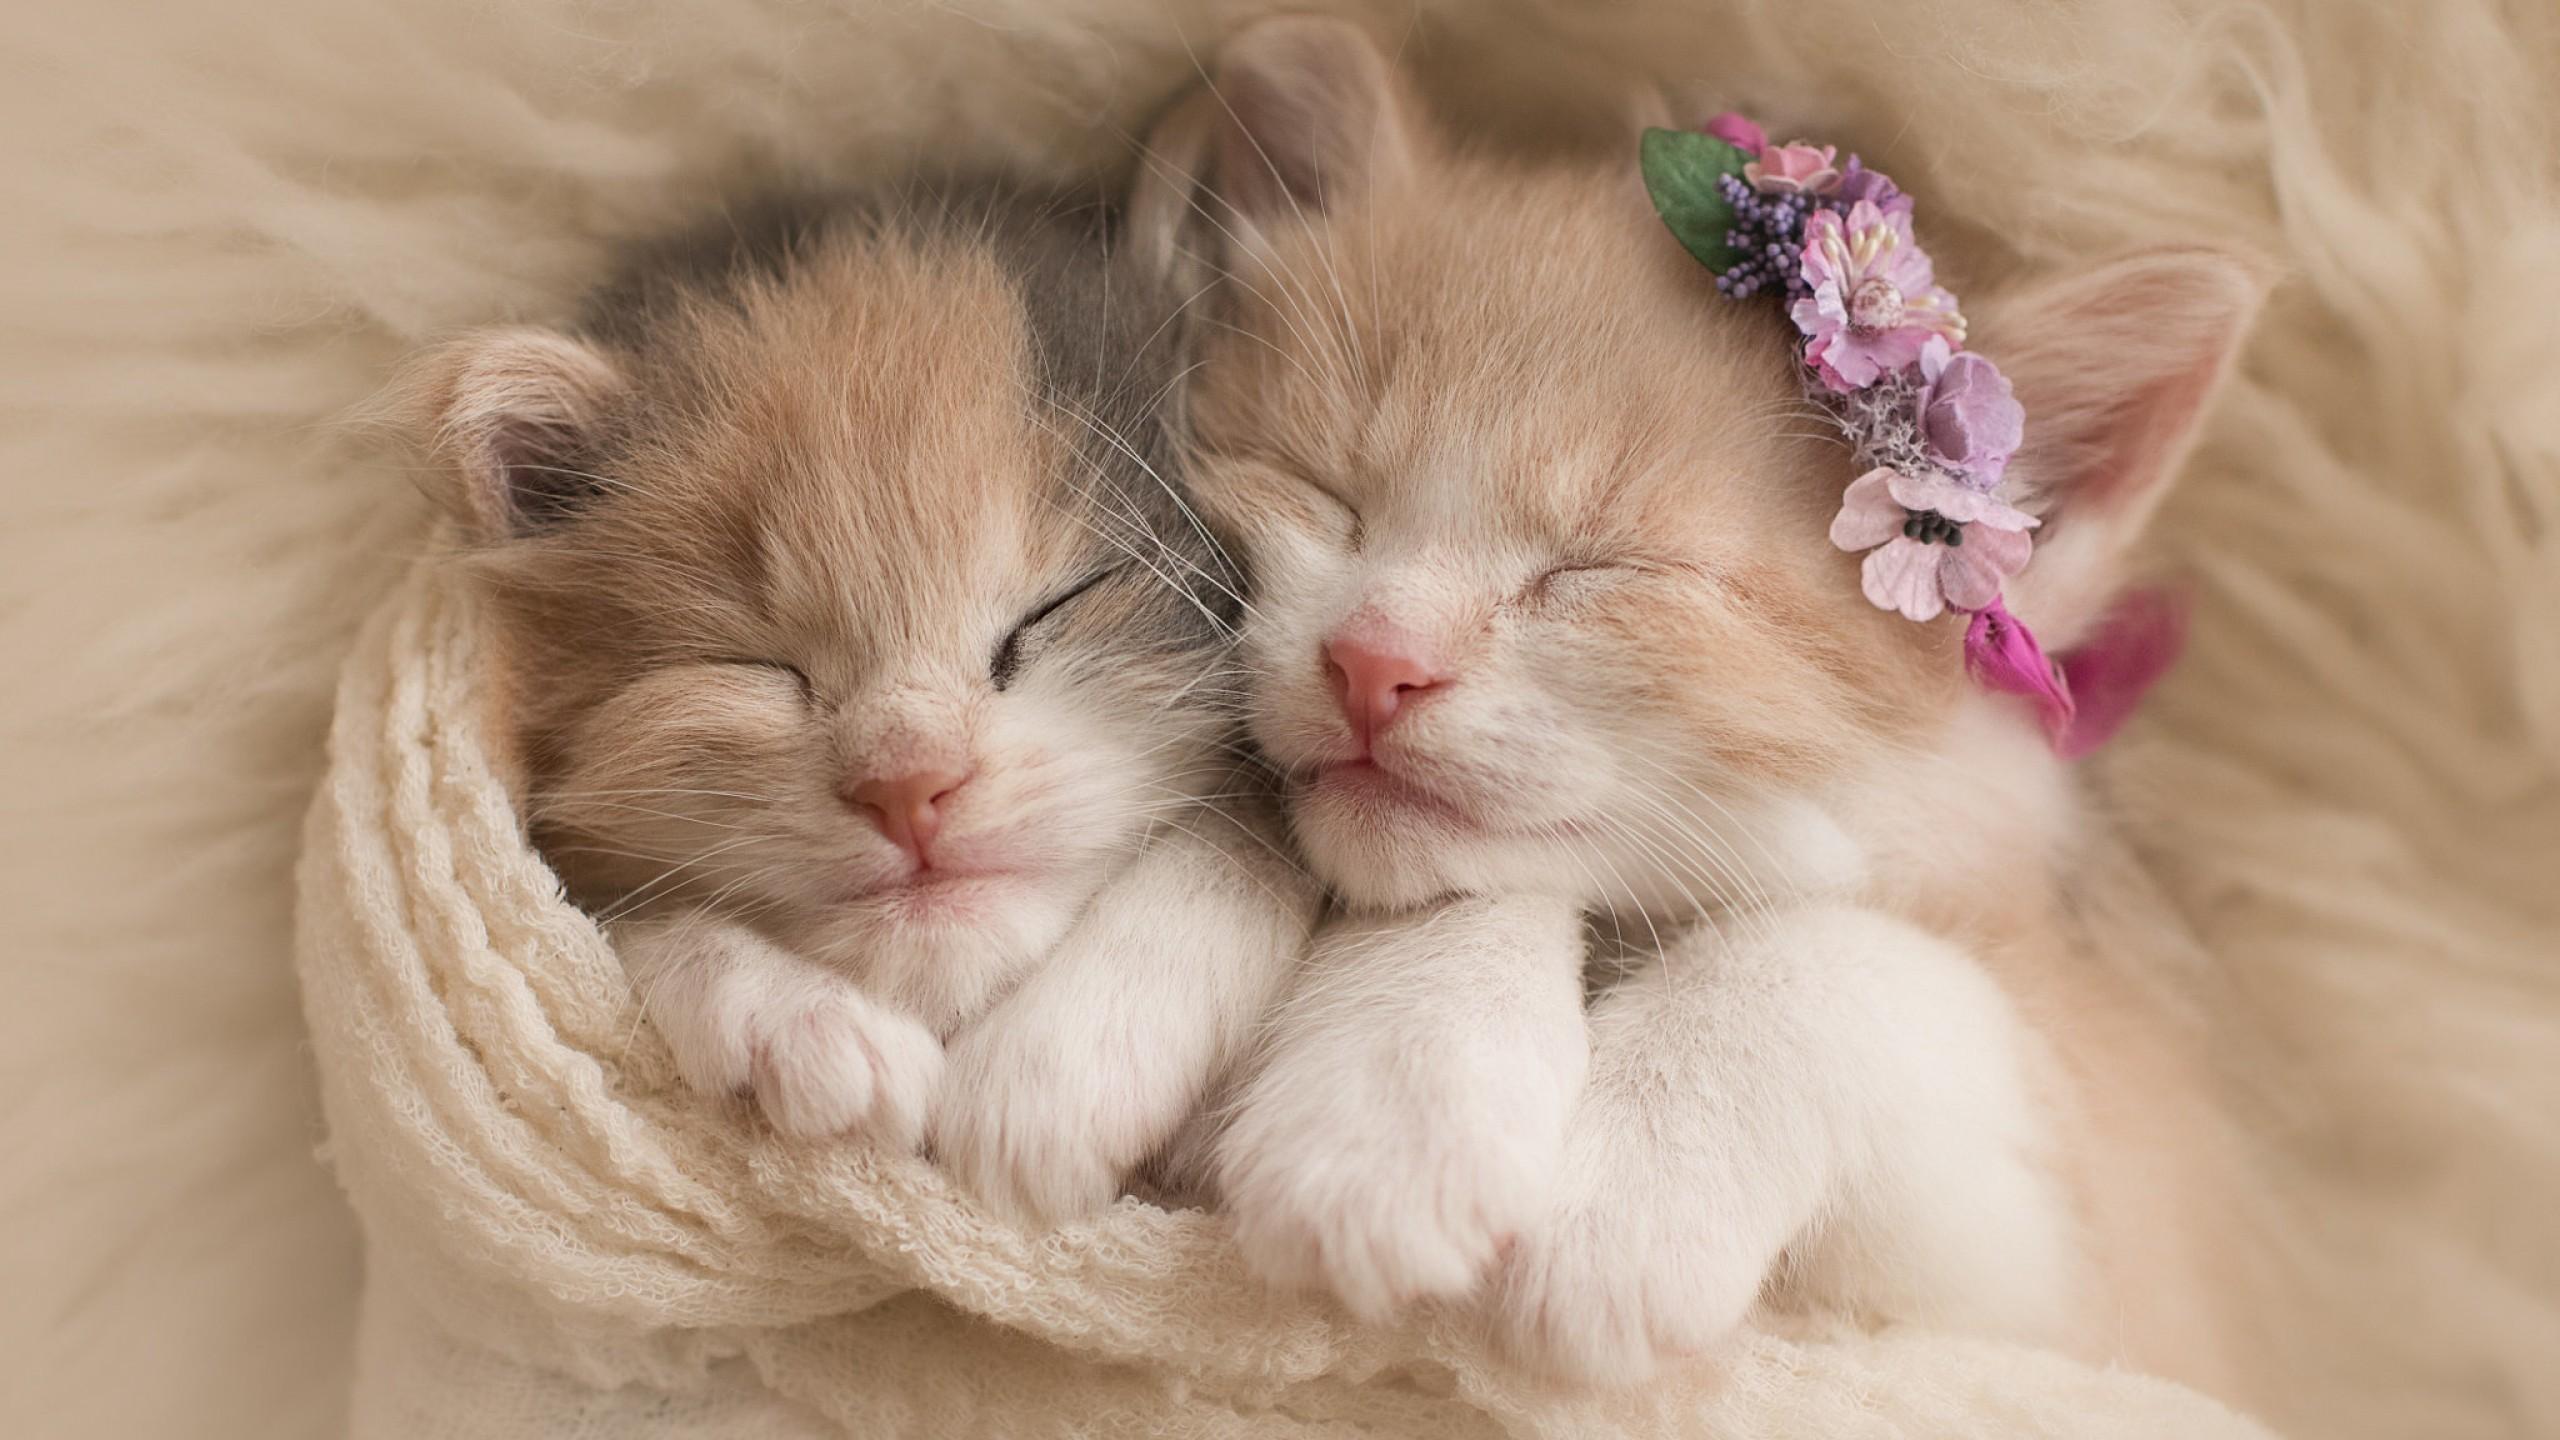 wallpaper kittens, cats, cute, animals #14540